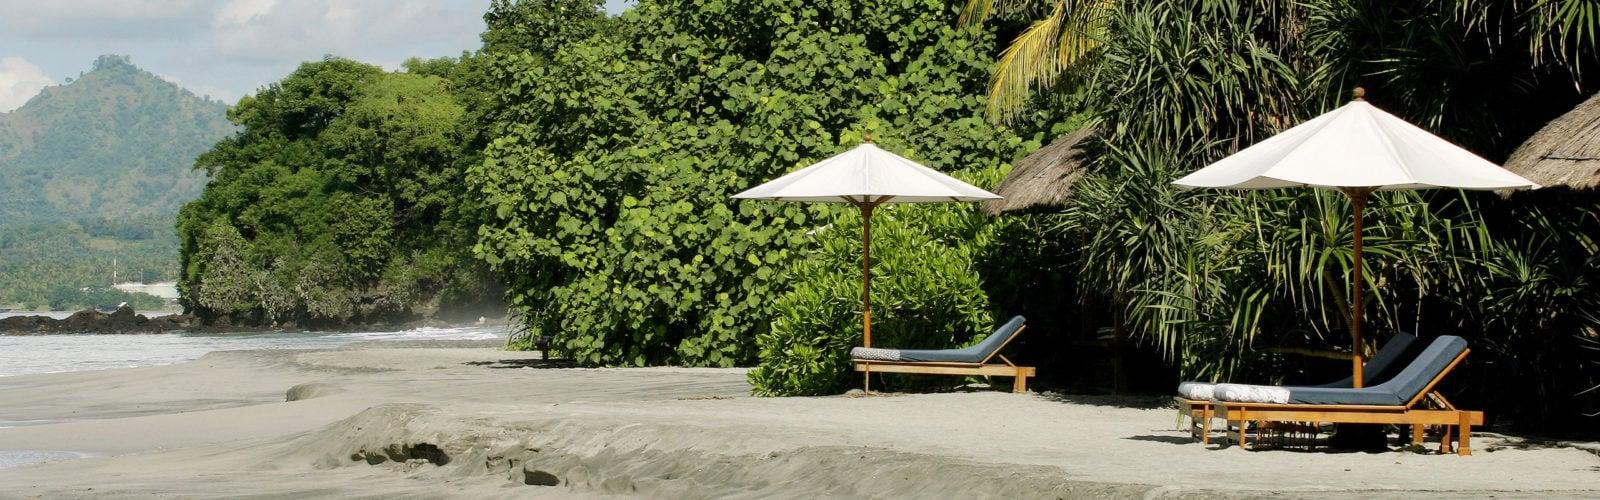 amankila-black-sand-beach